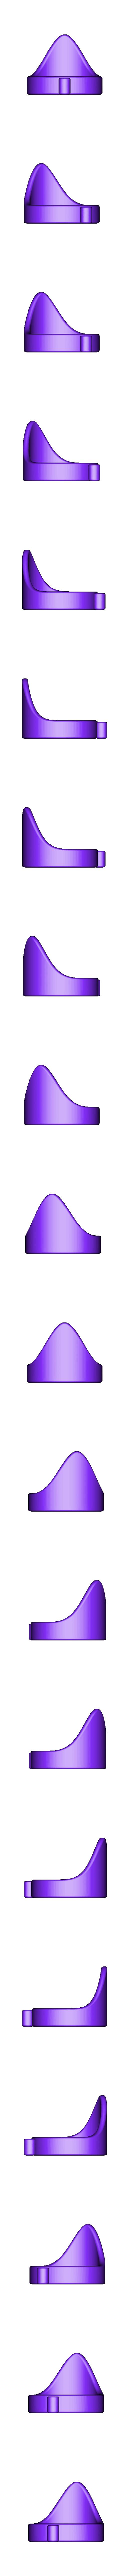 finger1.stl Télécharger fichier STL gratuit Kara Kesh (arme de poing goa'uld) • Plan pour imprimante 3D, poblocki1982